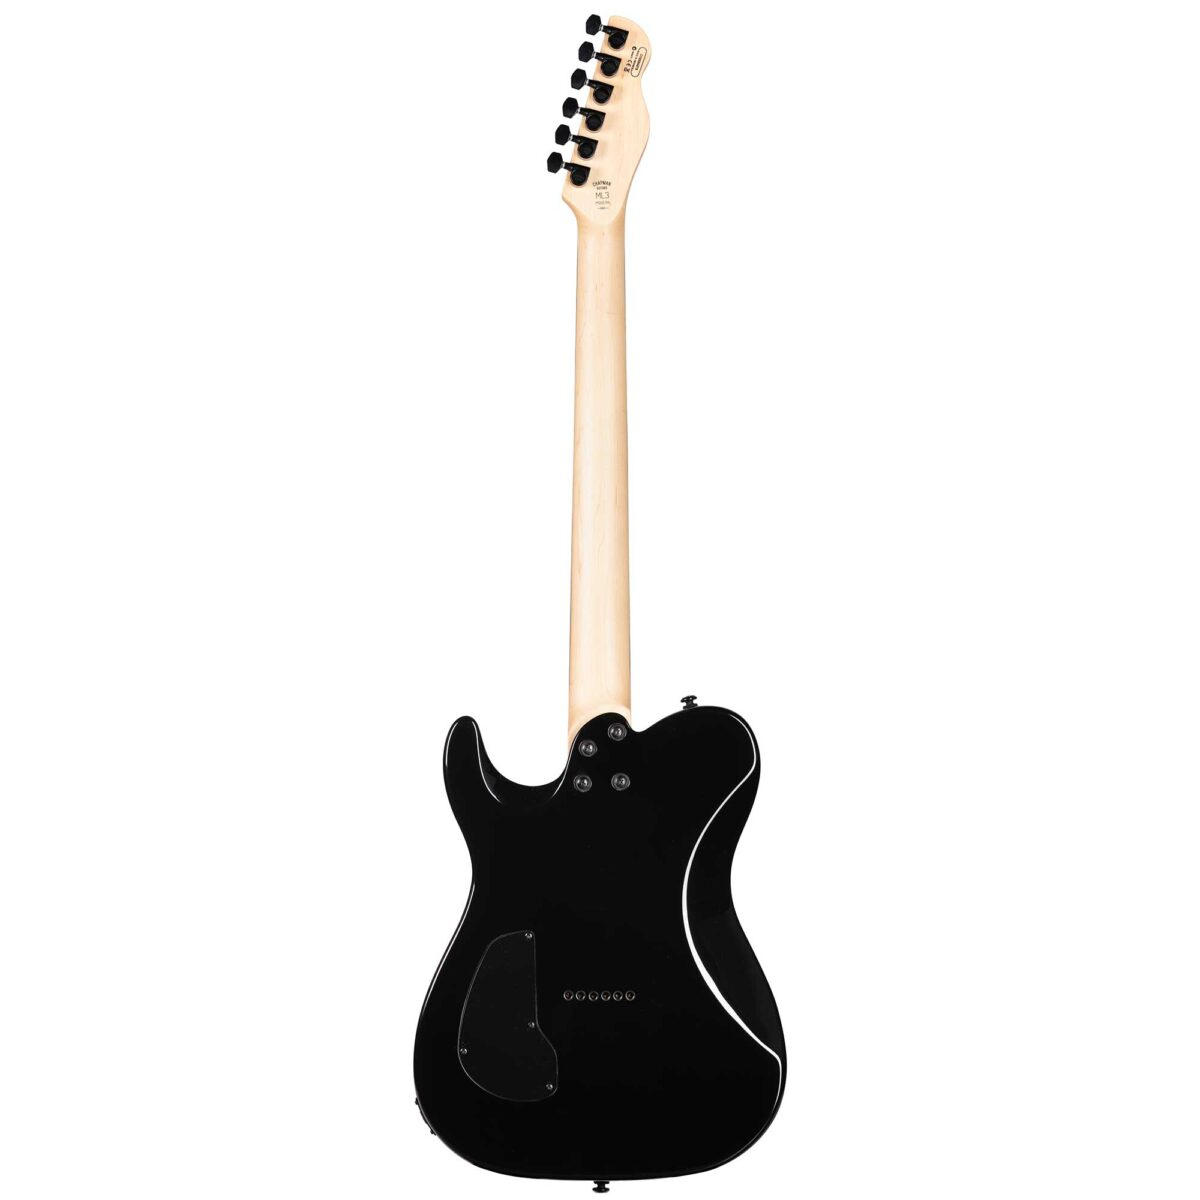 גיטרה חשמלית Chapman ML3 Modern Standard Ember